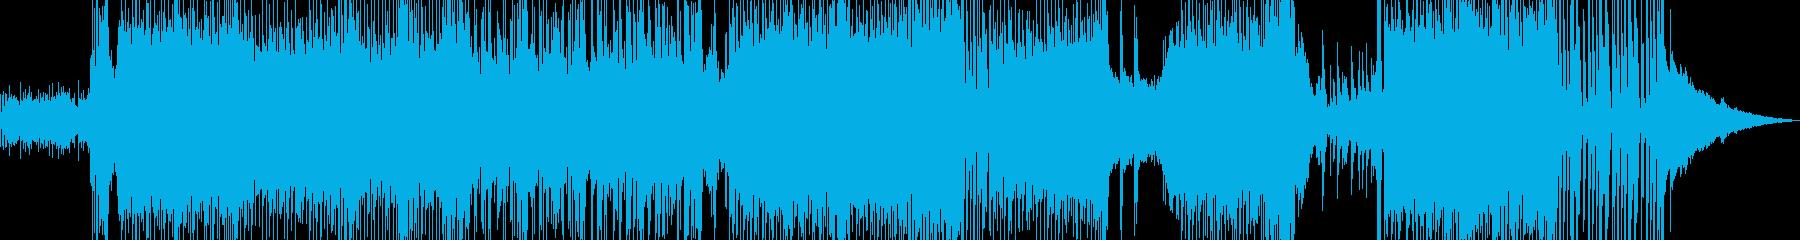 ハッピーな演出を彩るテクノポップの再生済みの波形